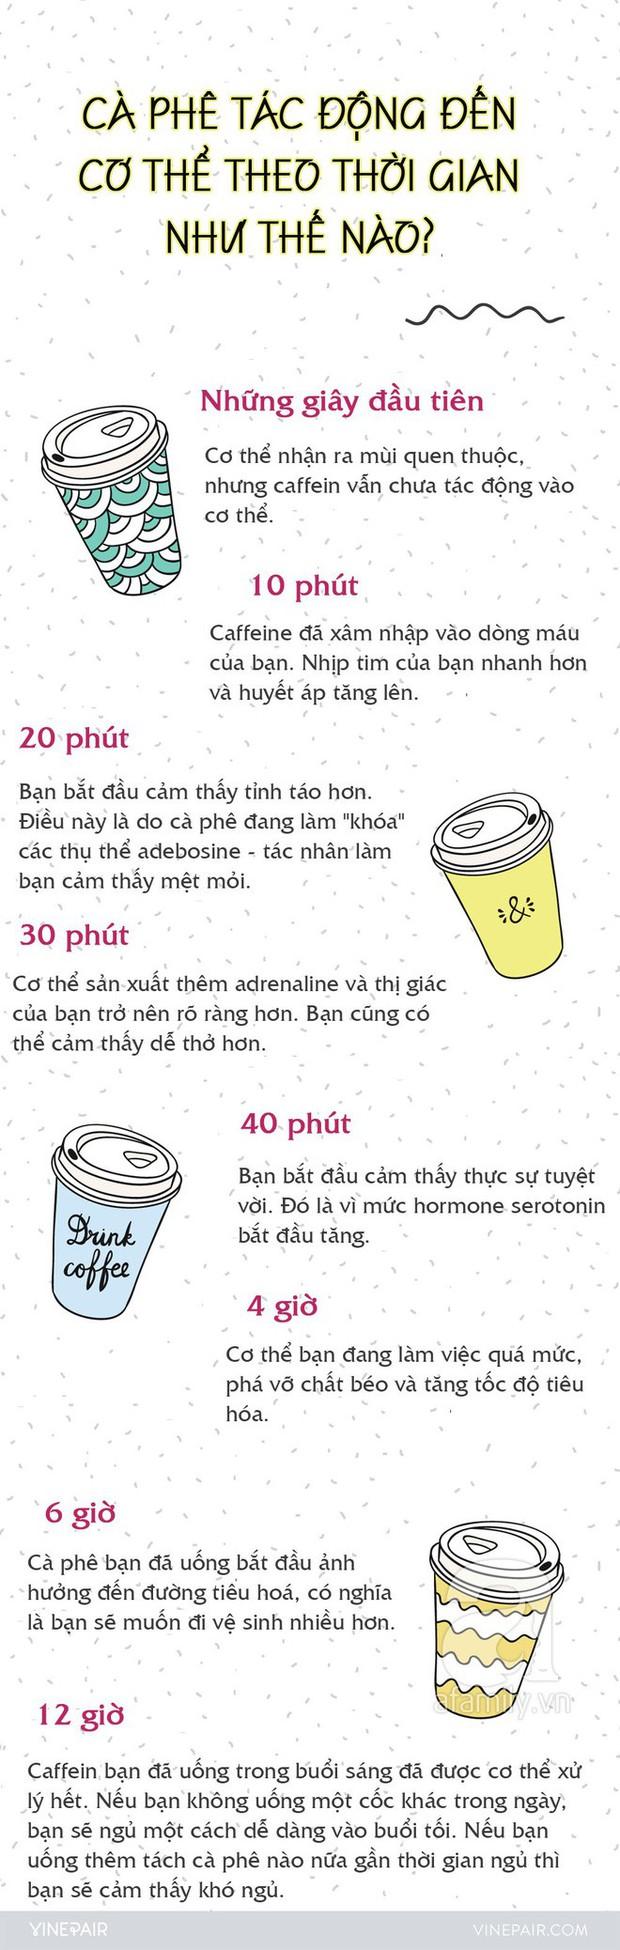 Khi uống 1 ly cà phê, bạn có chắc đã nắm được sự tác động của nó lên cơ thể từng giây từng phút như thế nào? - Ảnh 1.